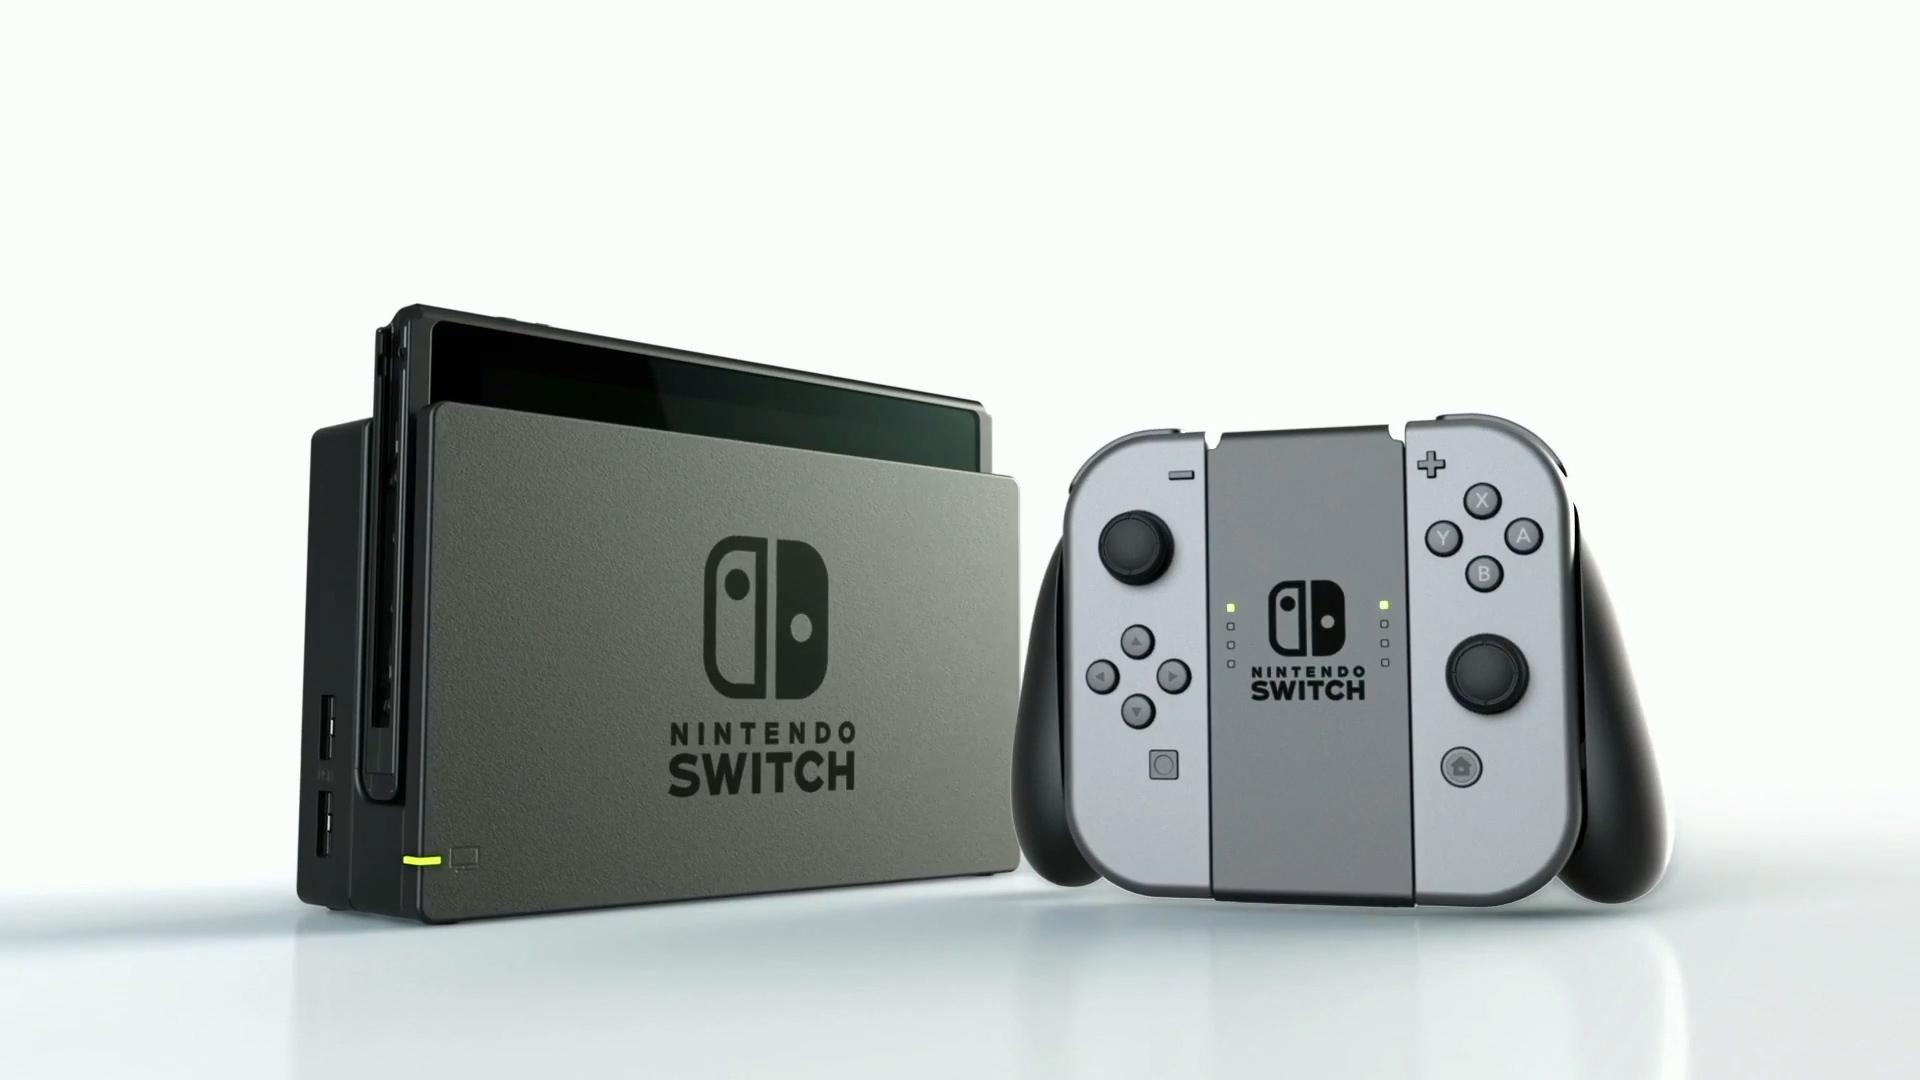 分析师:Switch可能会有更长生命周期 能轻易达到1亿台